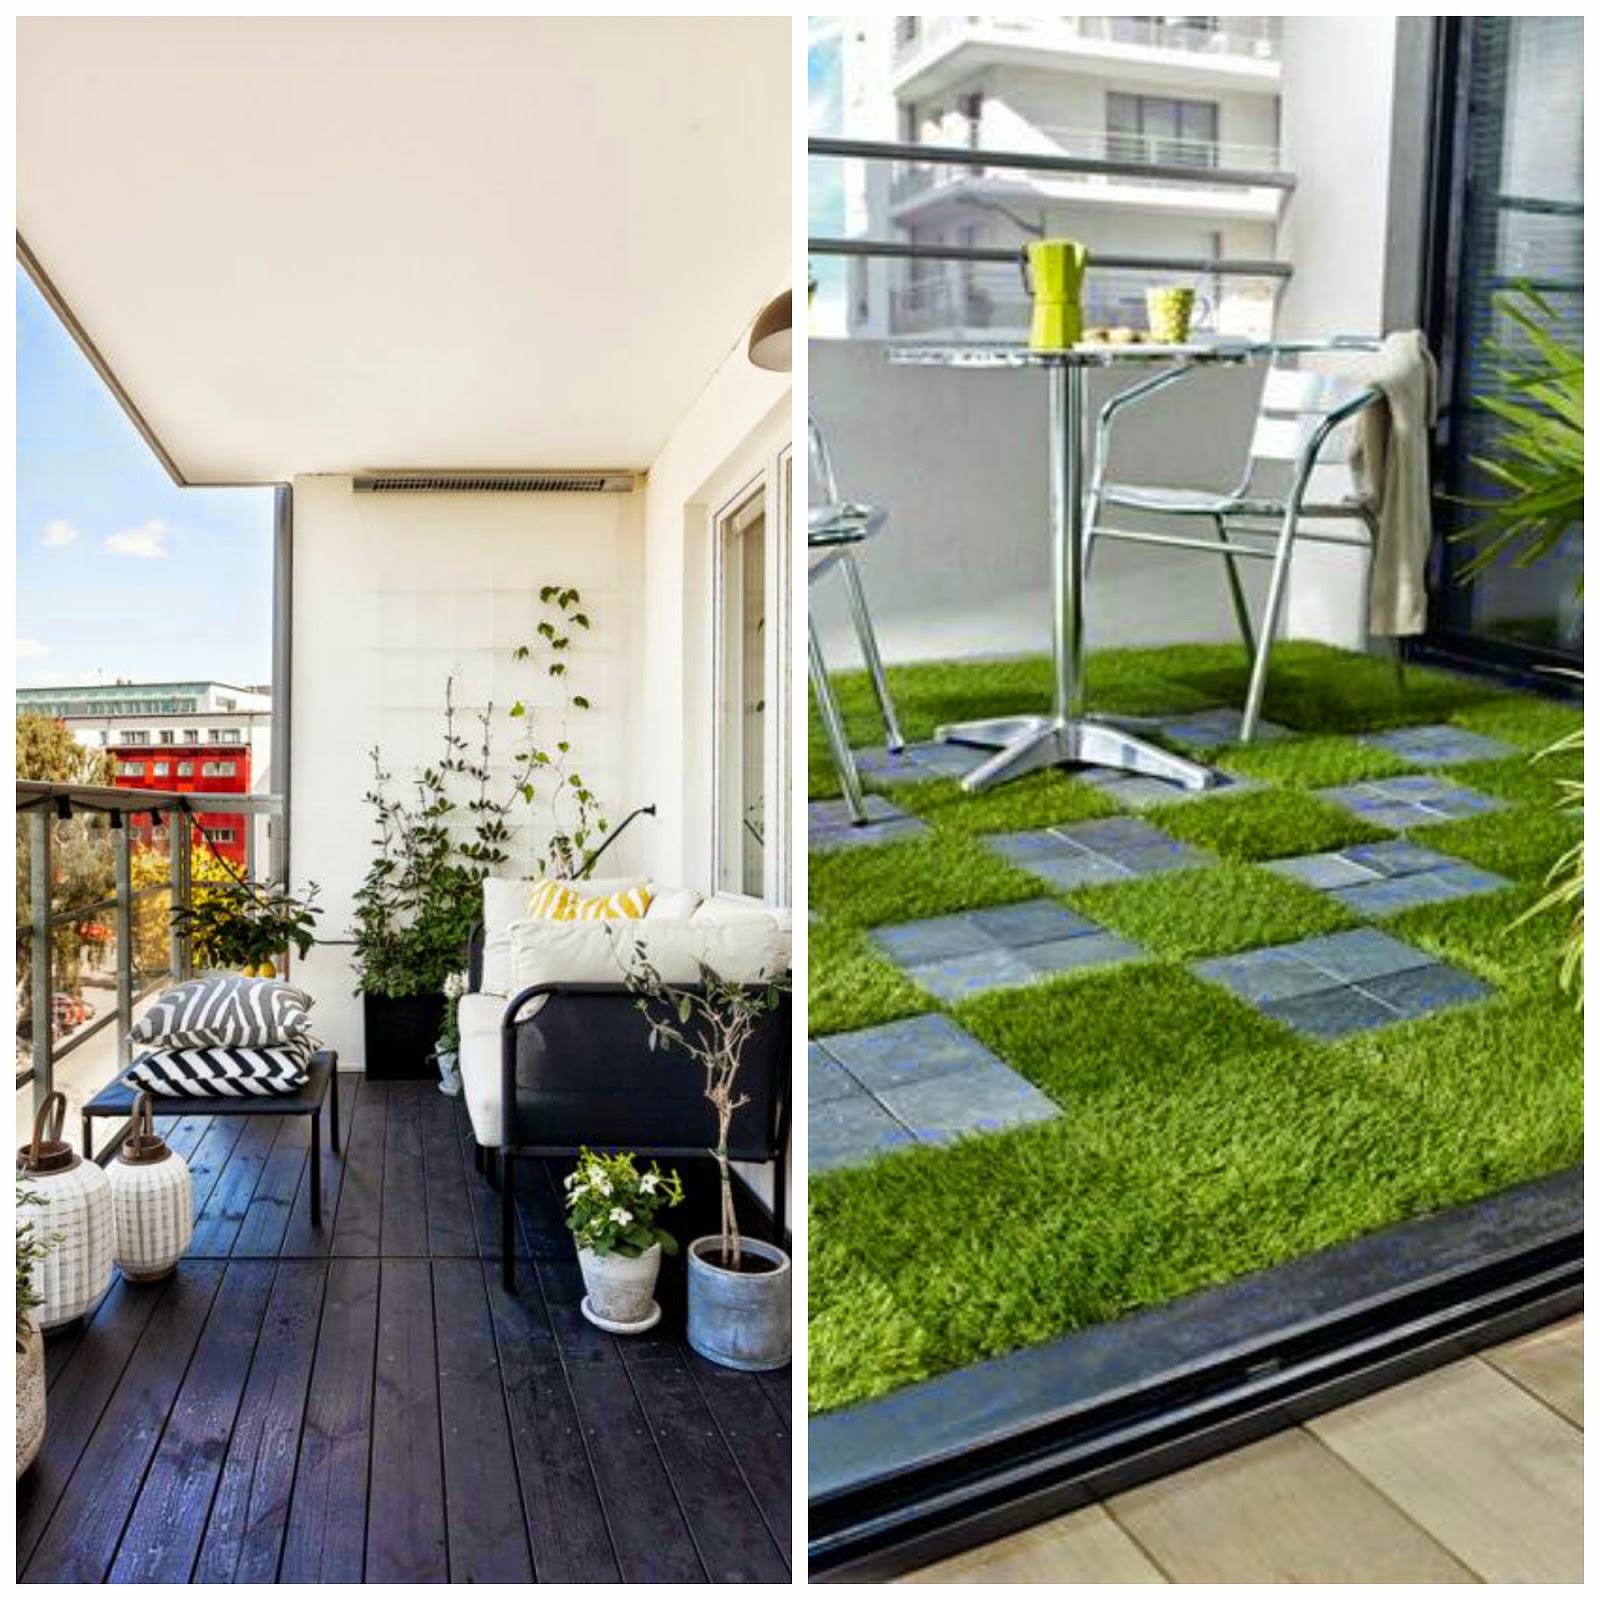 La buhardilla decoraci n dise o y muebles 8 consejos - Colocar suelo terraza ...